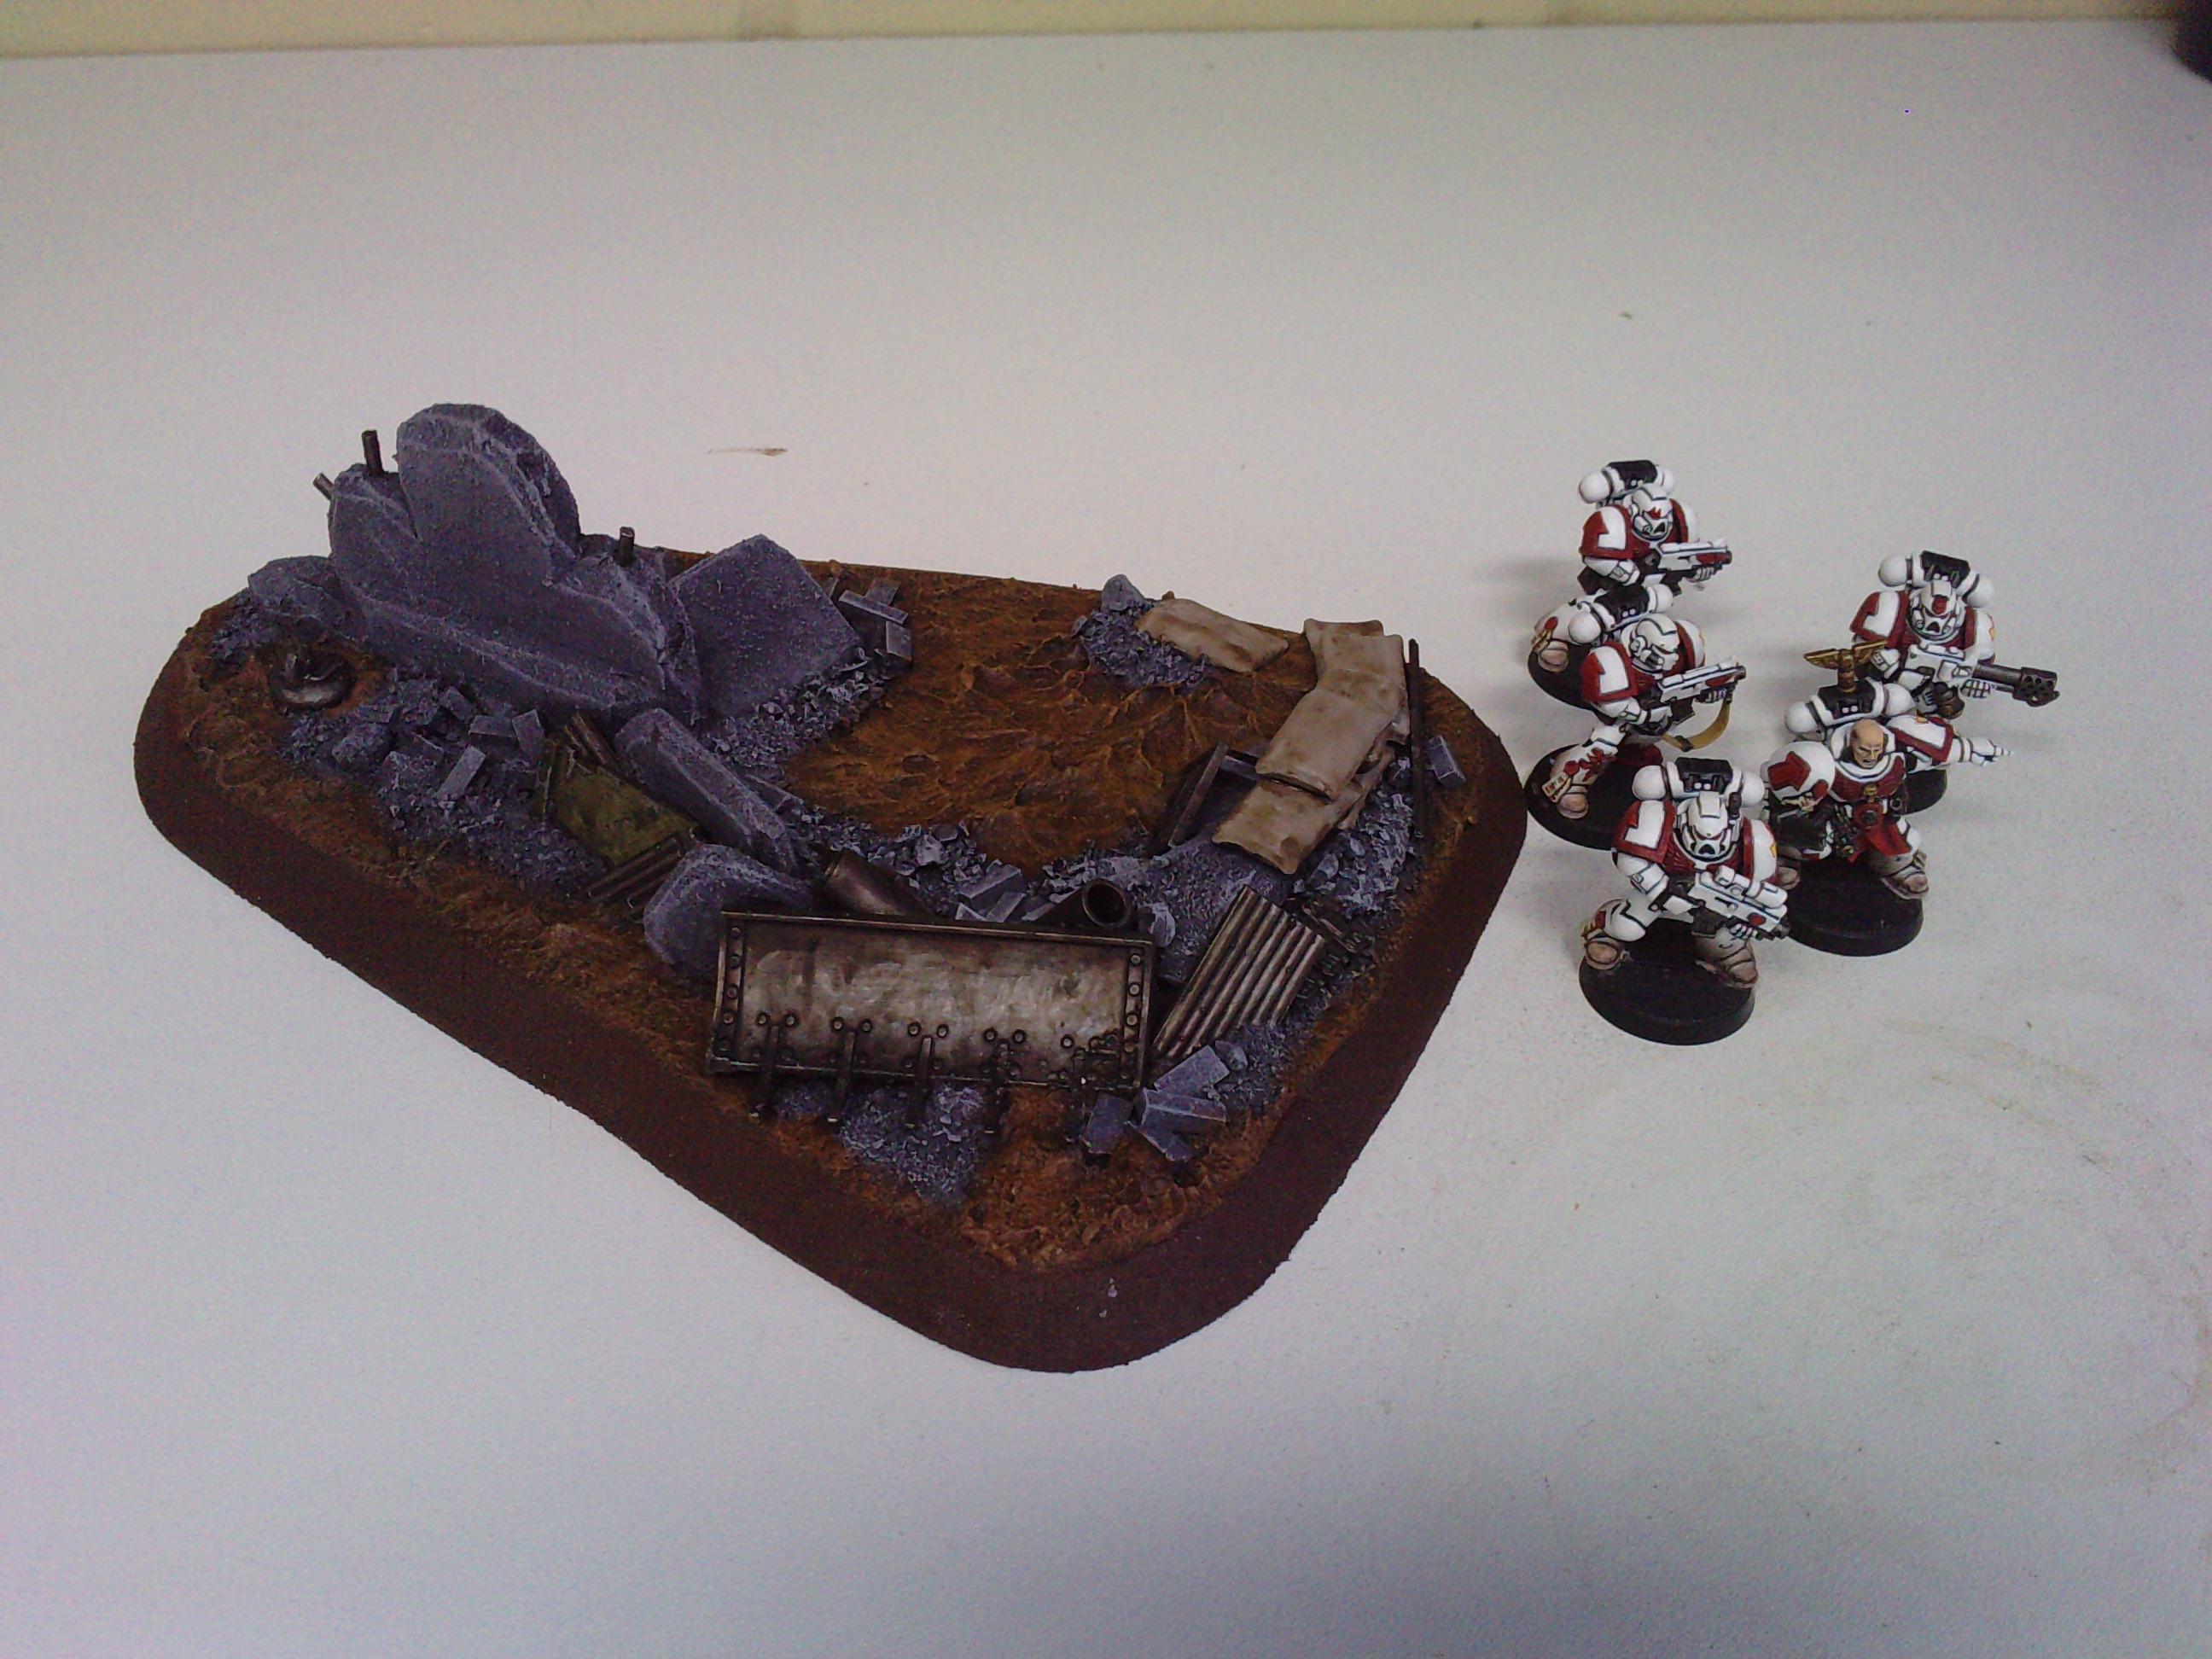 Terrain, Warhammer 40,000